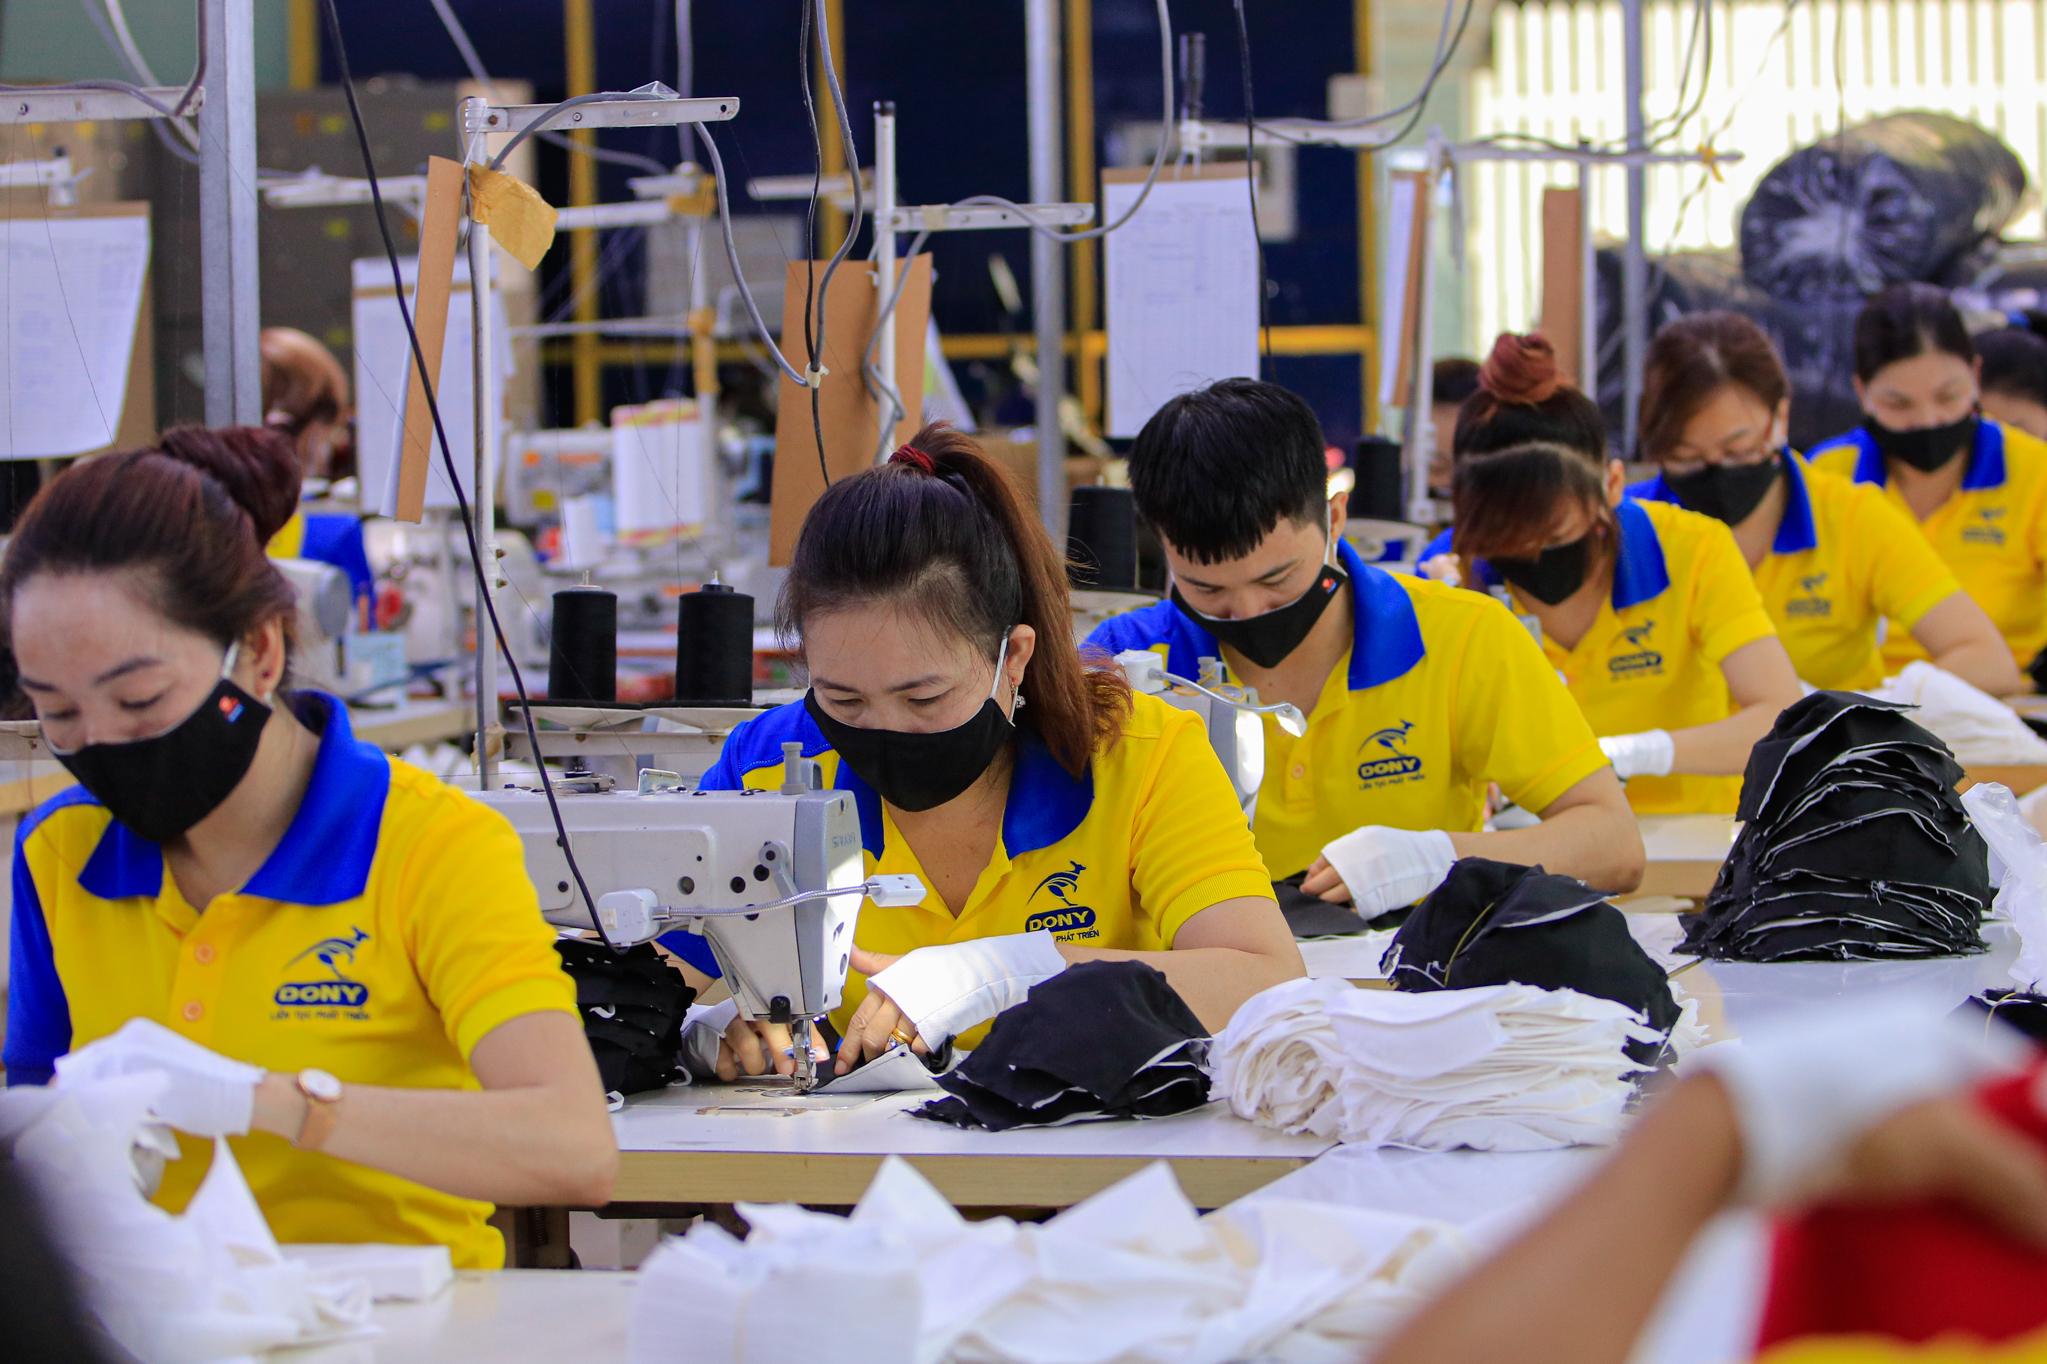 Công nhân của một doanh nghiệp ở quận Tân Bình, TP HCM may khẩu trang kháng khuẩn để xuất khẩu sang các nước Trung Đông. Ảnh chụp ngày 21/4/2020. Ảnh: Nguyệt Nhi